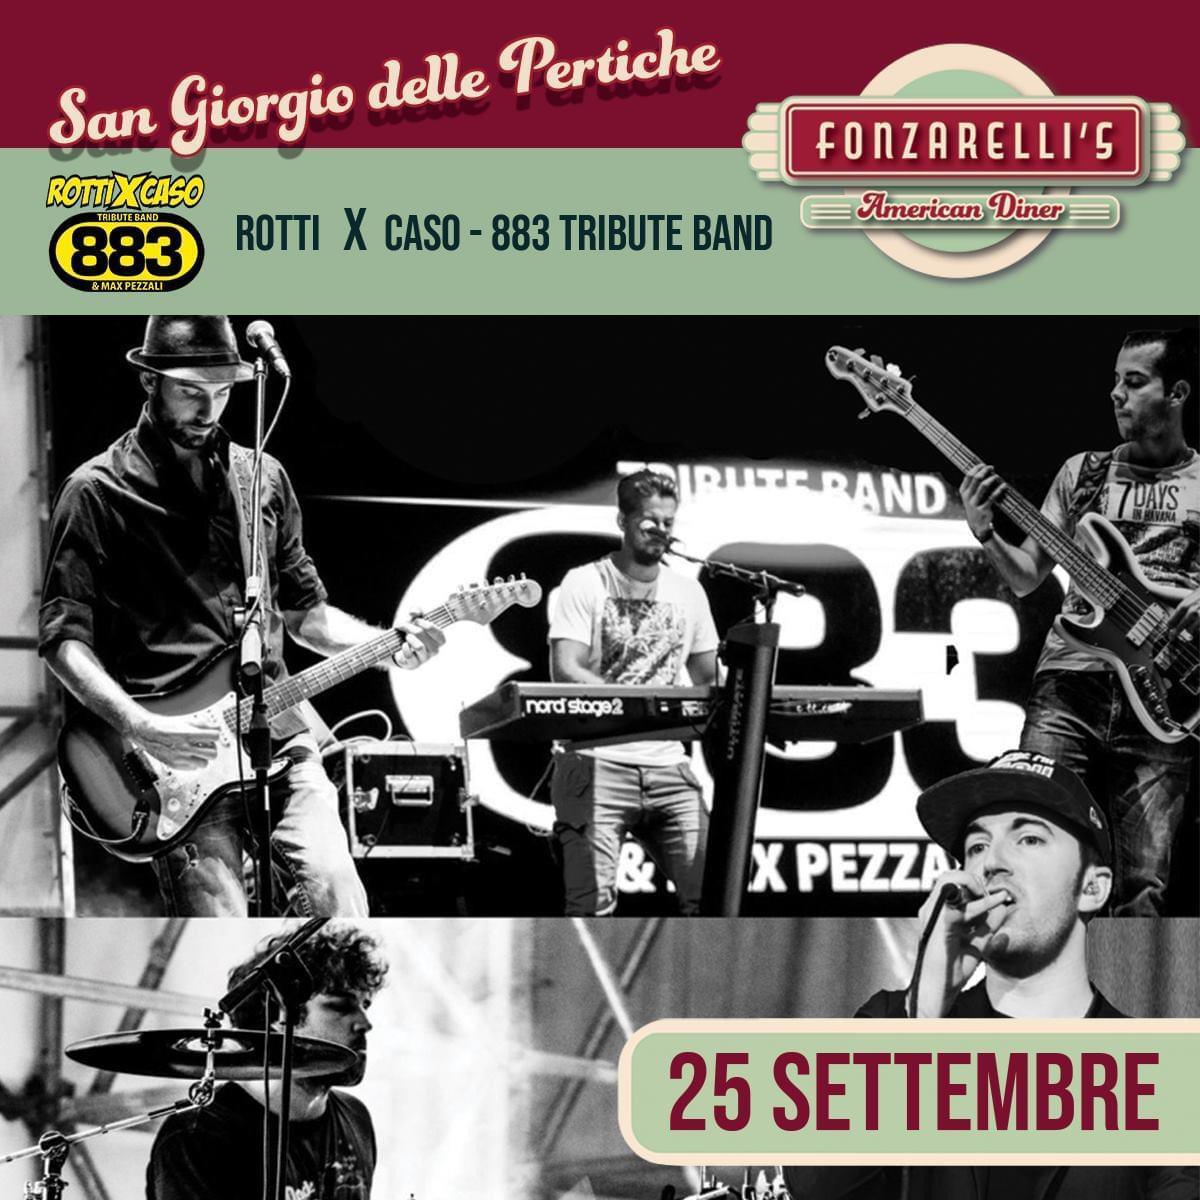 Da Fonzarelli's venerdì 25 settembre concerto dei Rotti x Caso - 883 Tribute Band